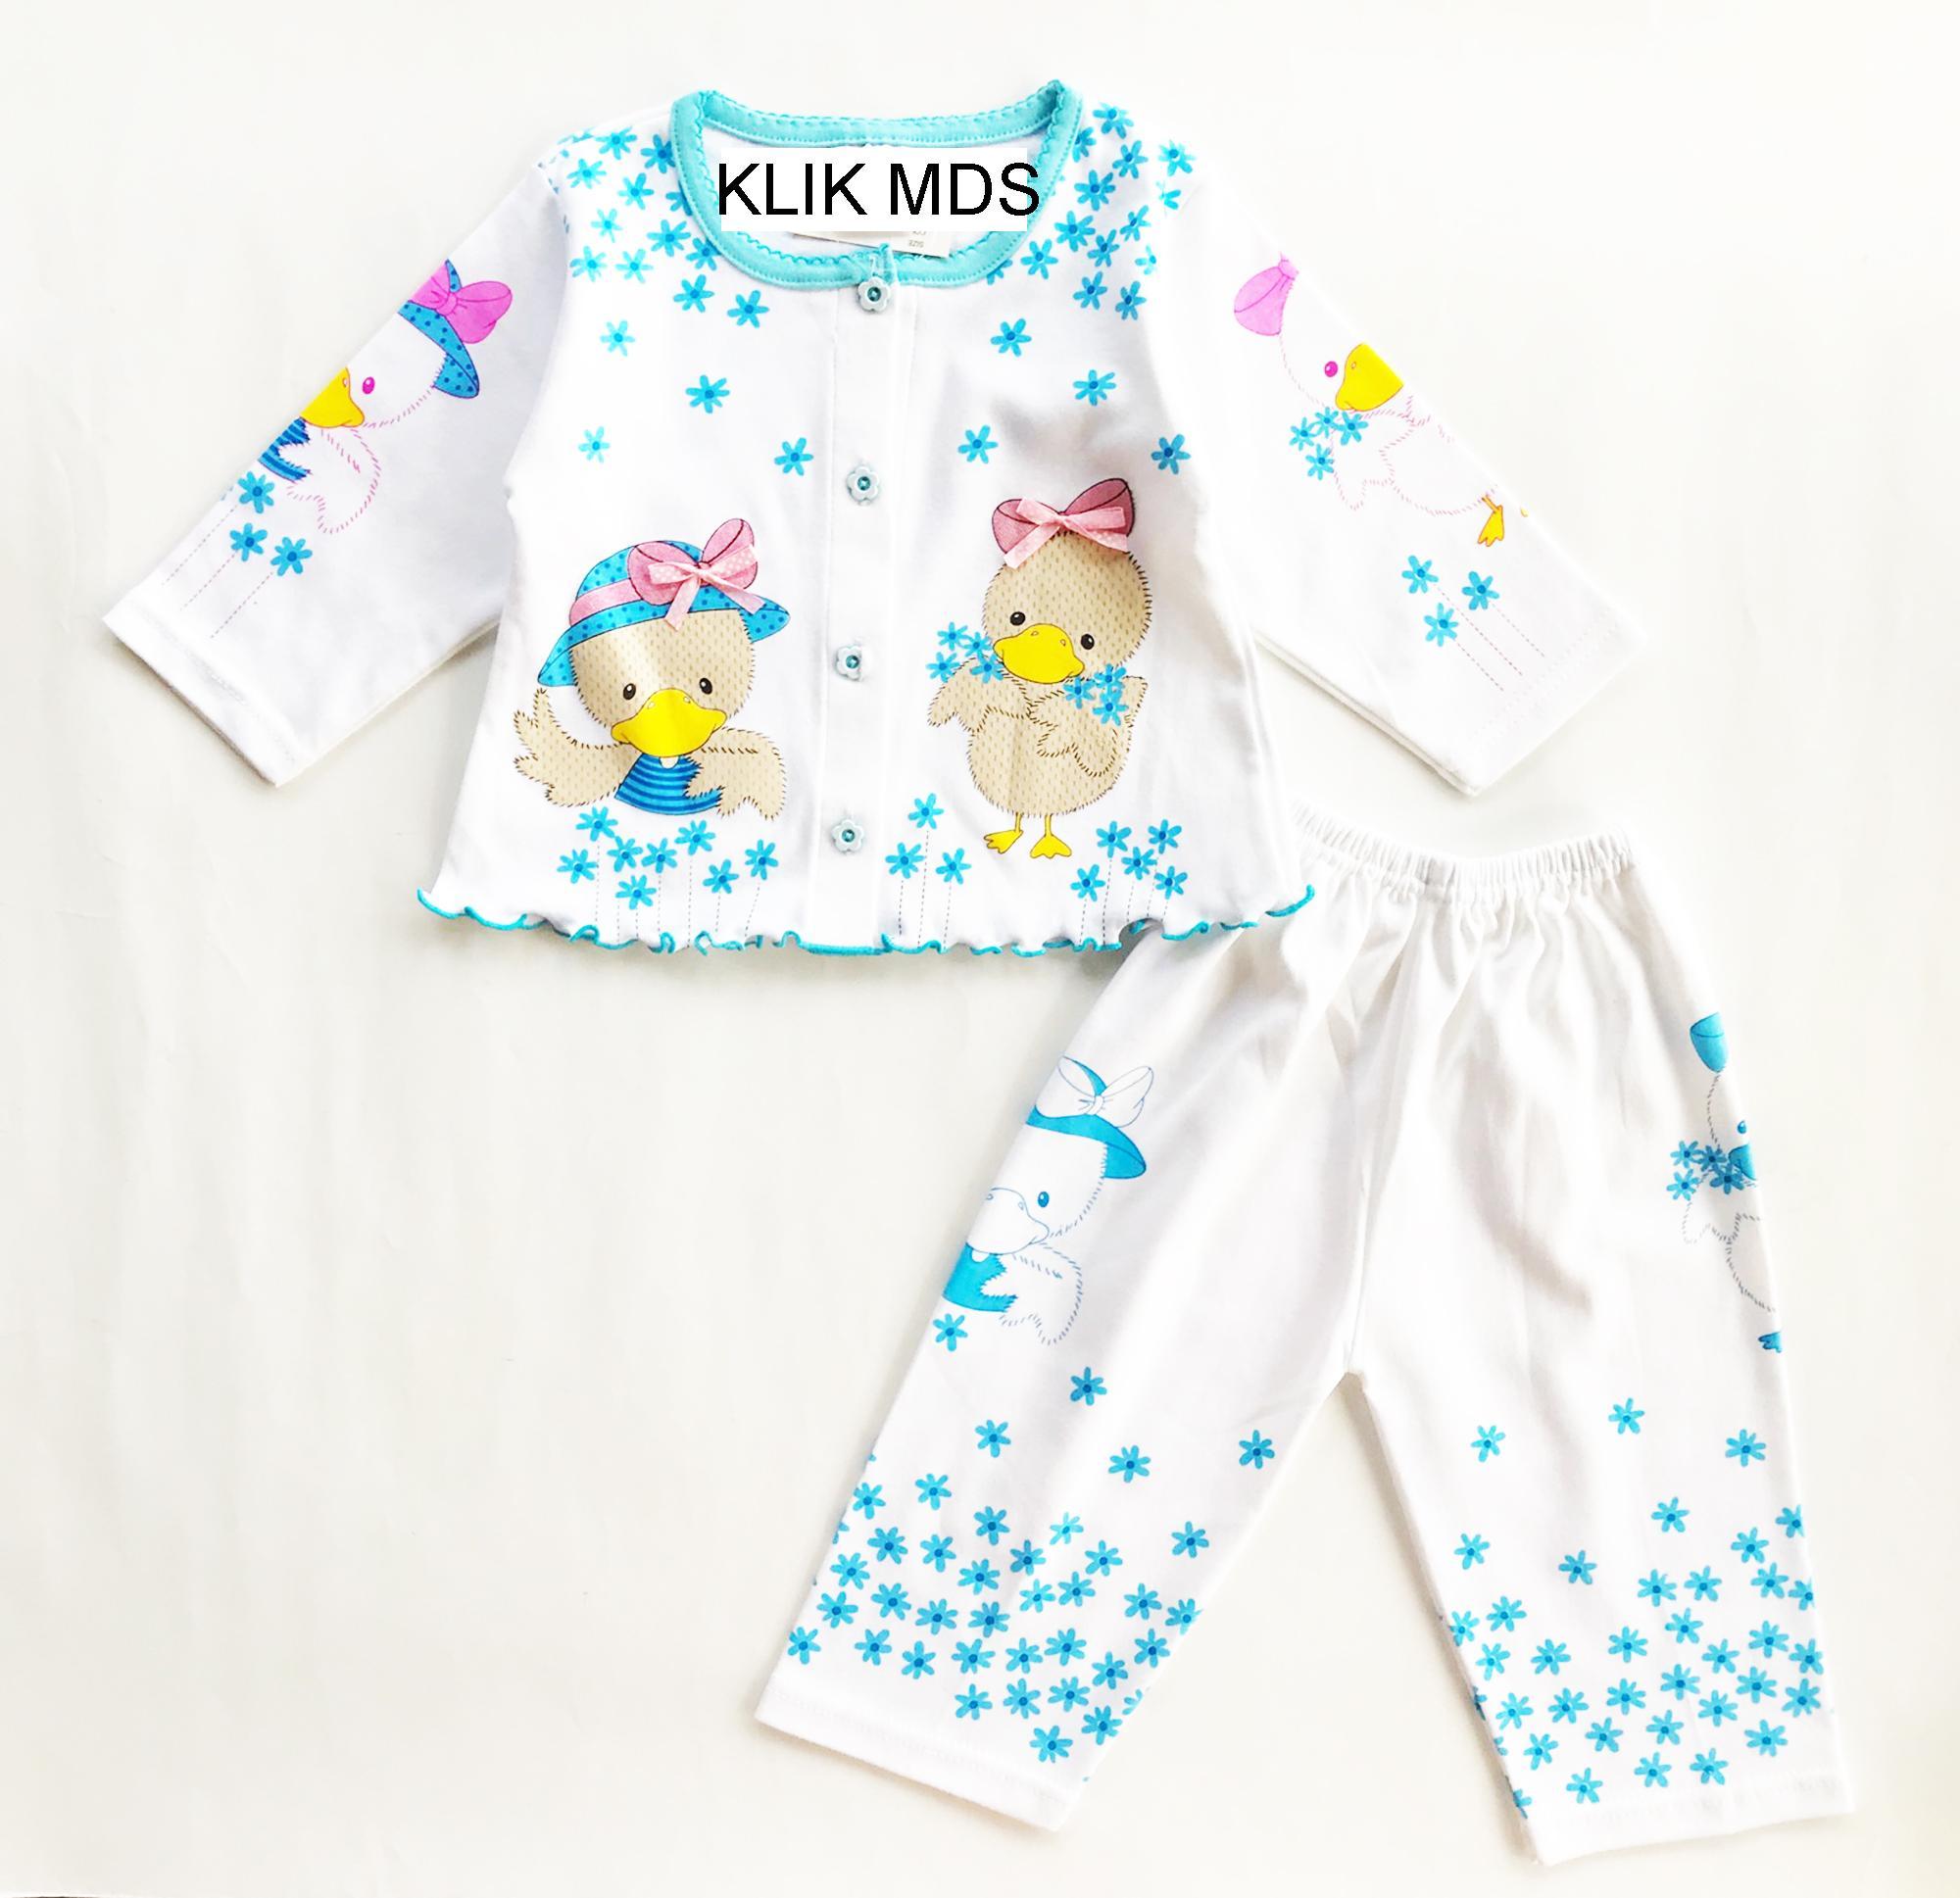 Baju Tidur Bayi Perempuan Piyama Anak Baby 1 3thn Lovely Cow Setelan Laki Klik Mds Motif Bebek Tangan Panjang Celana